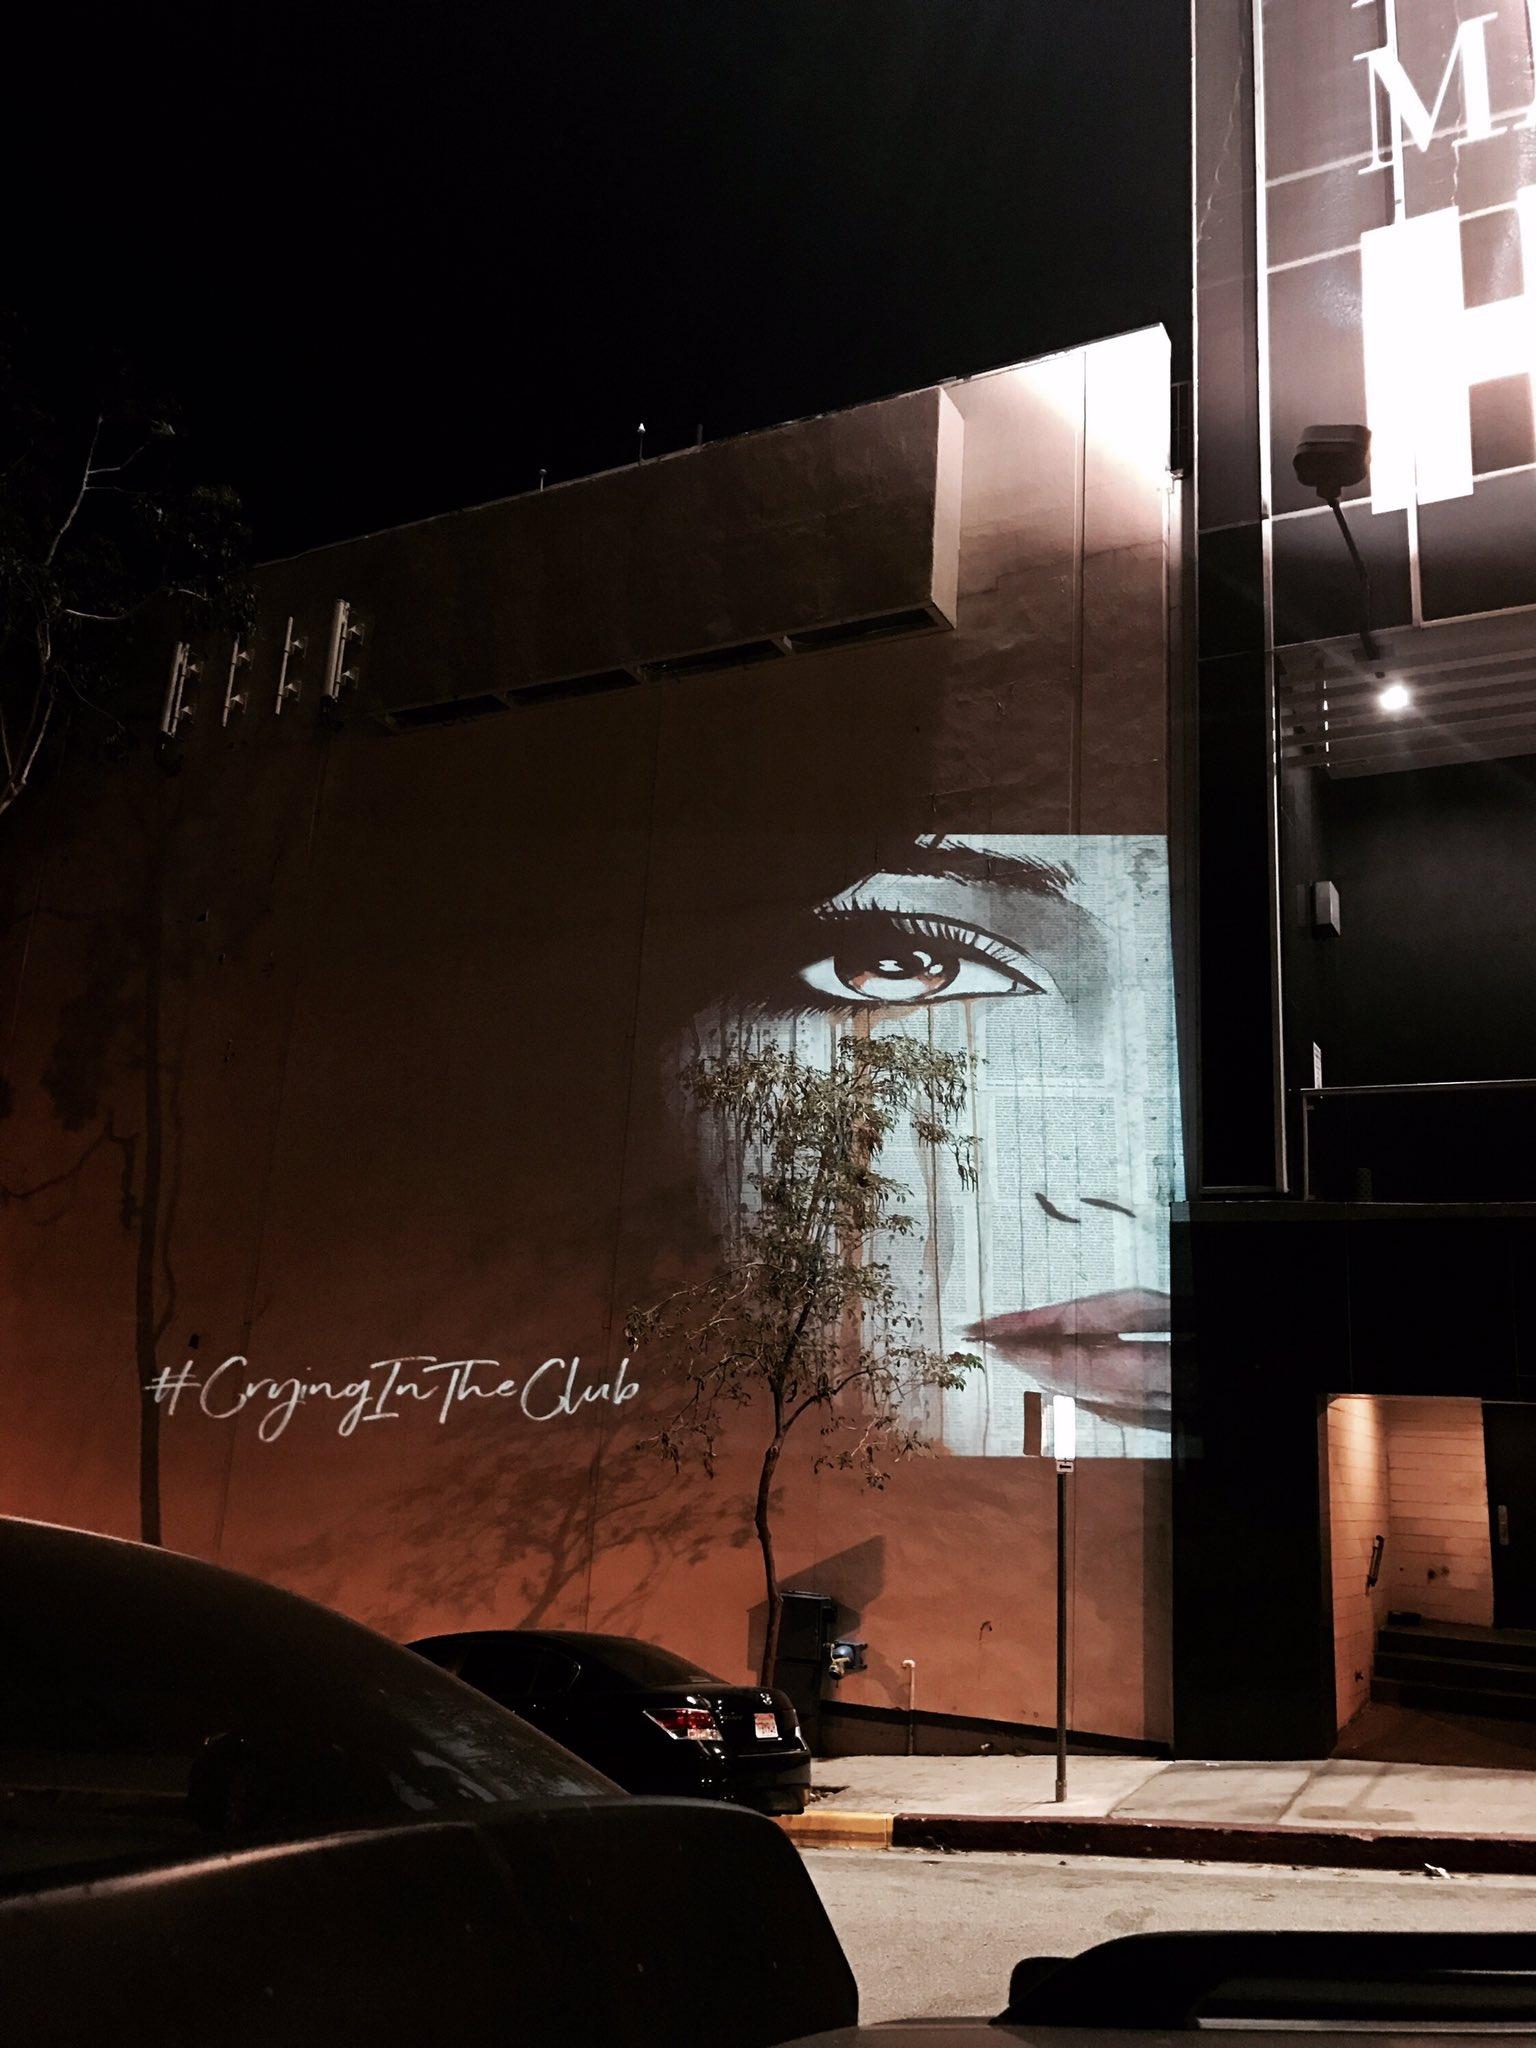 Los Angeles, we're here! #CryingInTheClubFriday �� https://t.co/i0ndUT6i3X